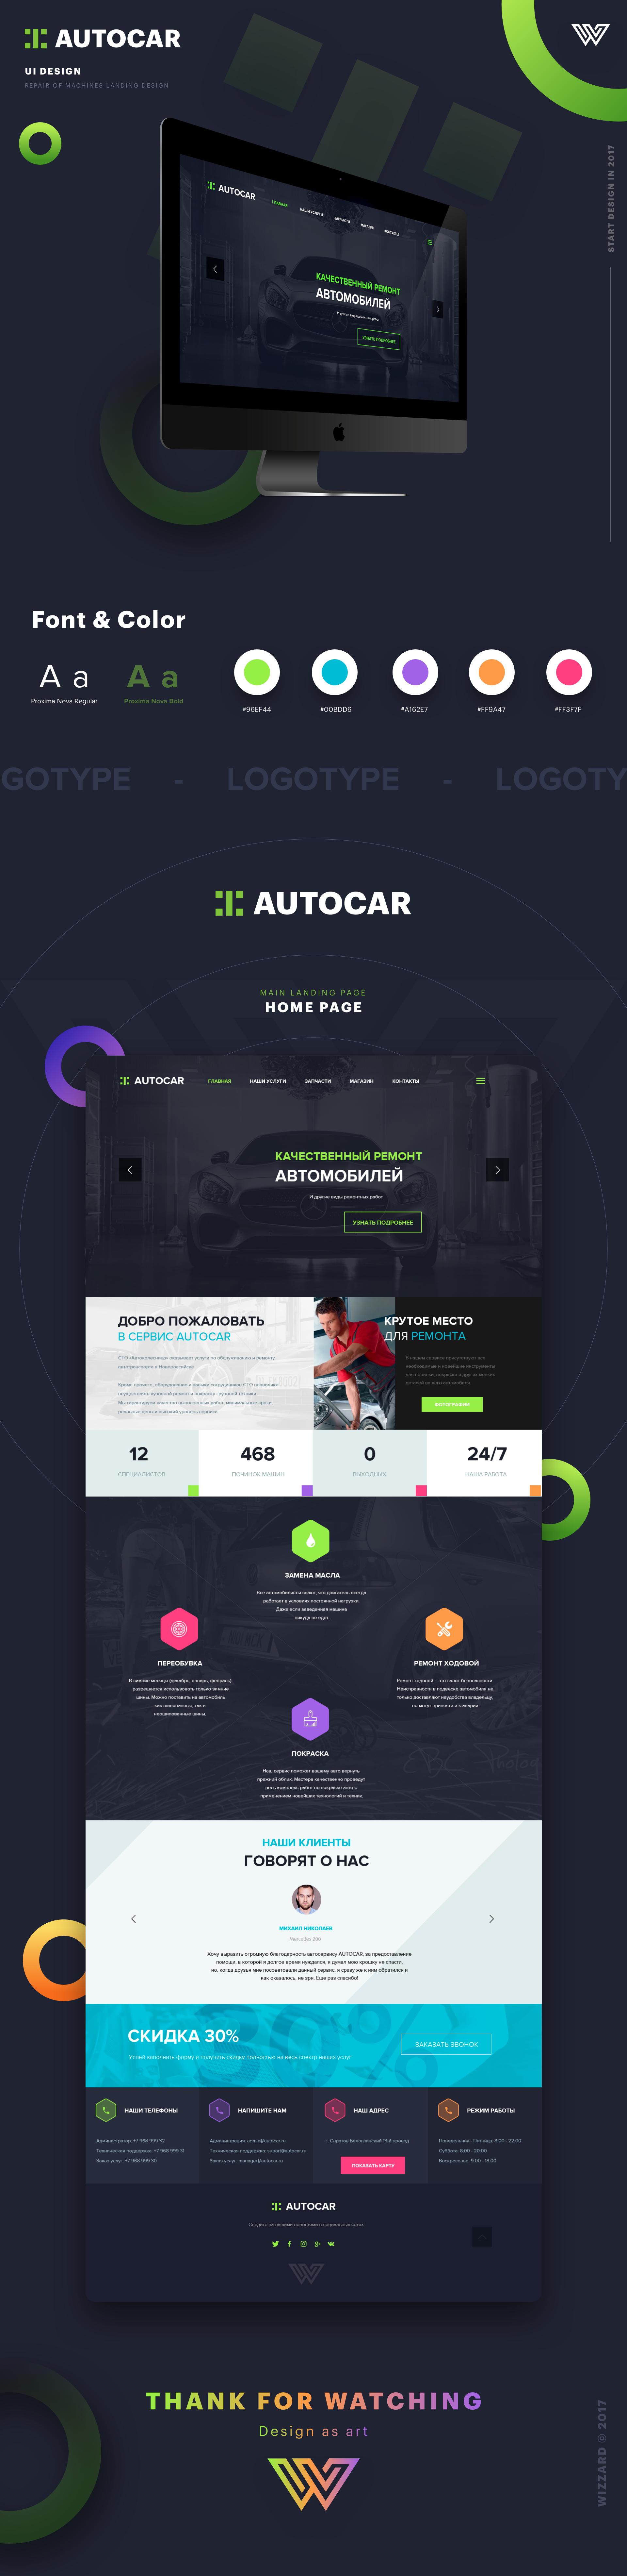 Autocar - Landing page design